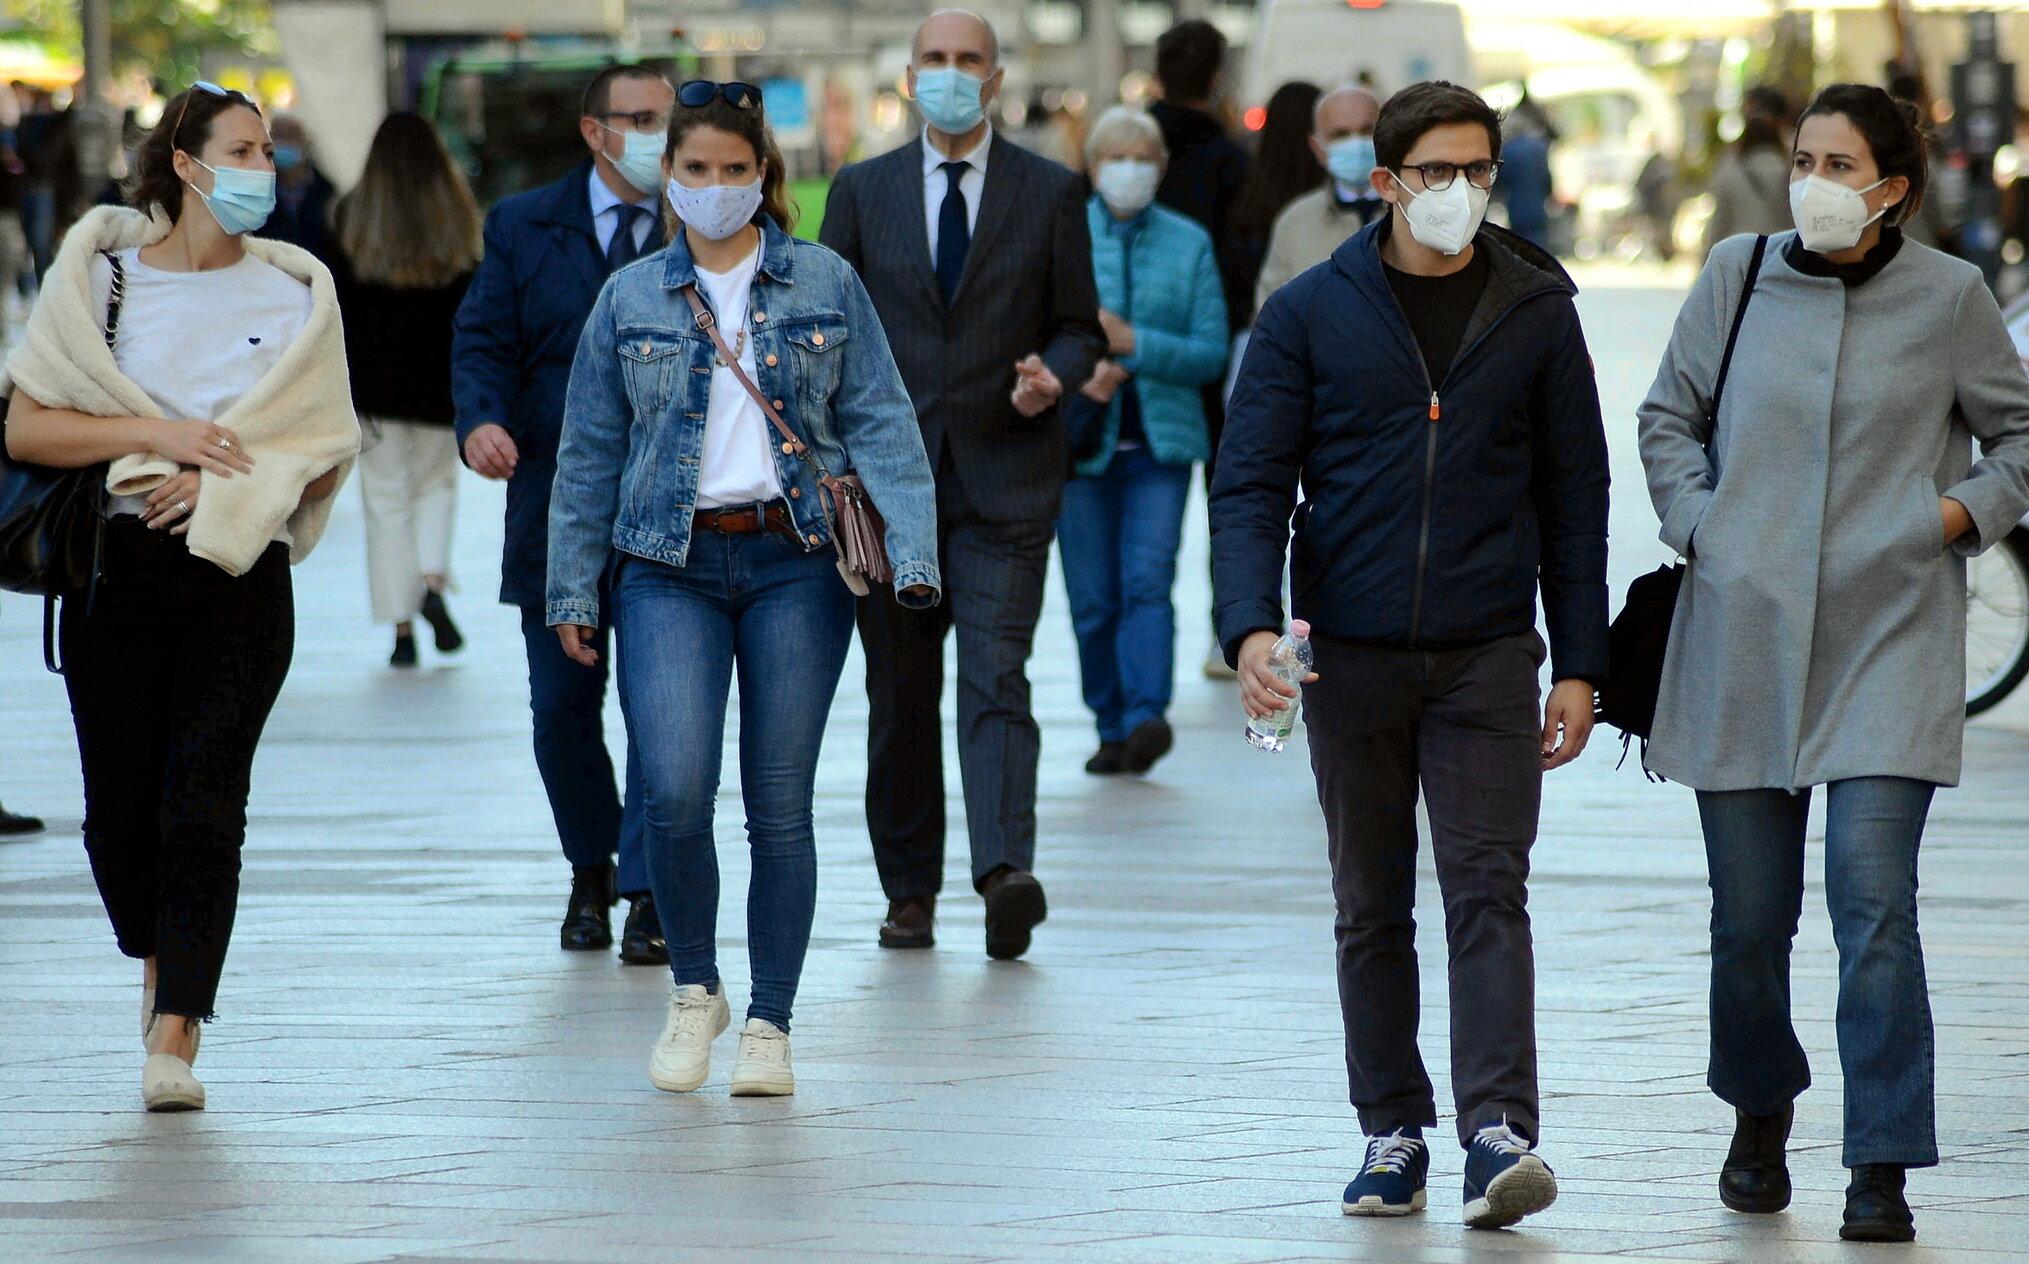 Pandemia s-ar putea opri dacă cel puțin 70% dintre cetățeni ar folosi constant masca, în locurile publice